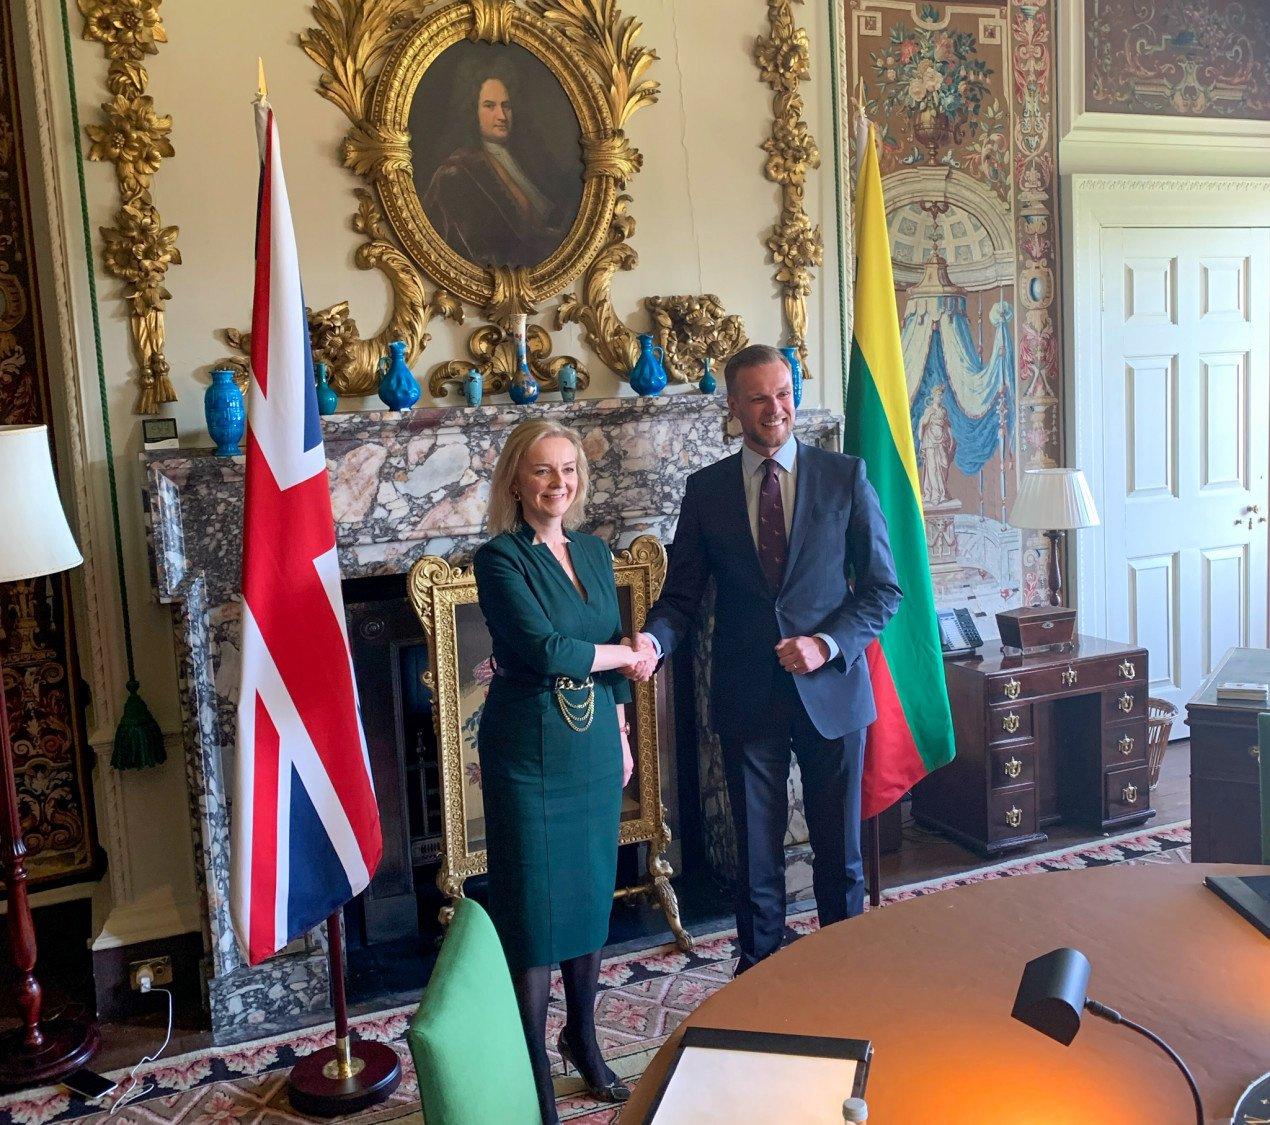 G. Landsbergis susitikime su JK užsienio reikalų sekretore E. Truss padėkojo JK už solidarumą dėl Kinijos